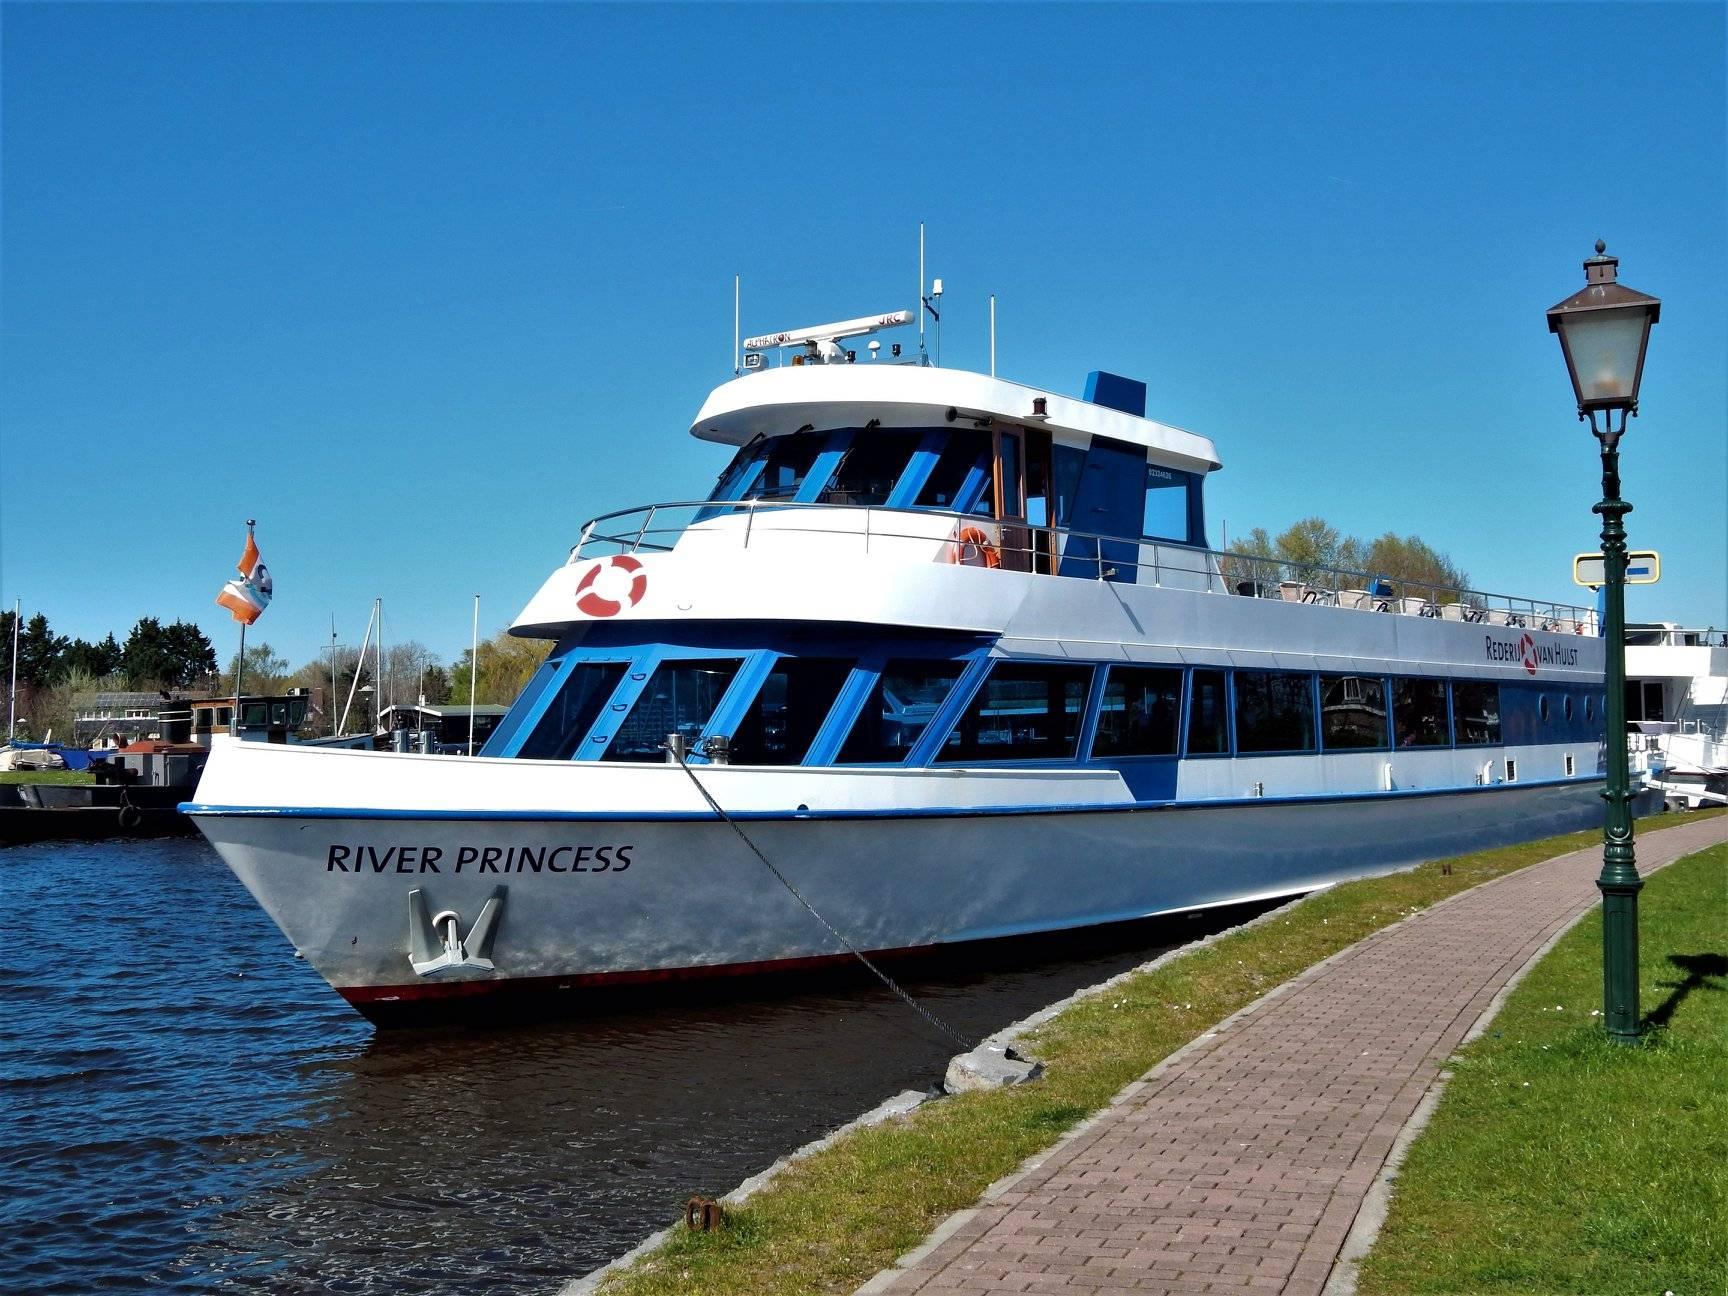 Boot van Rederij van Hulst